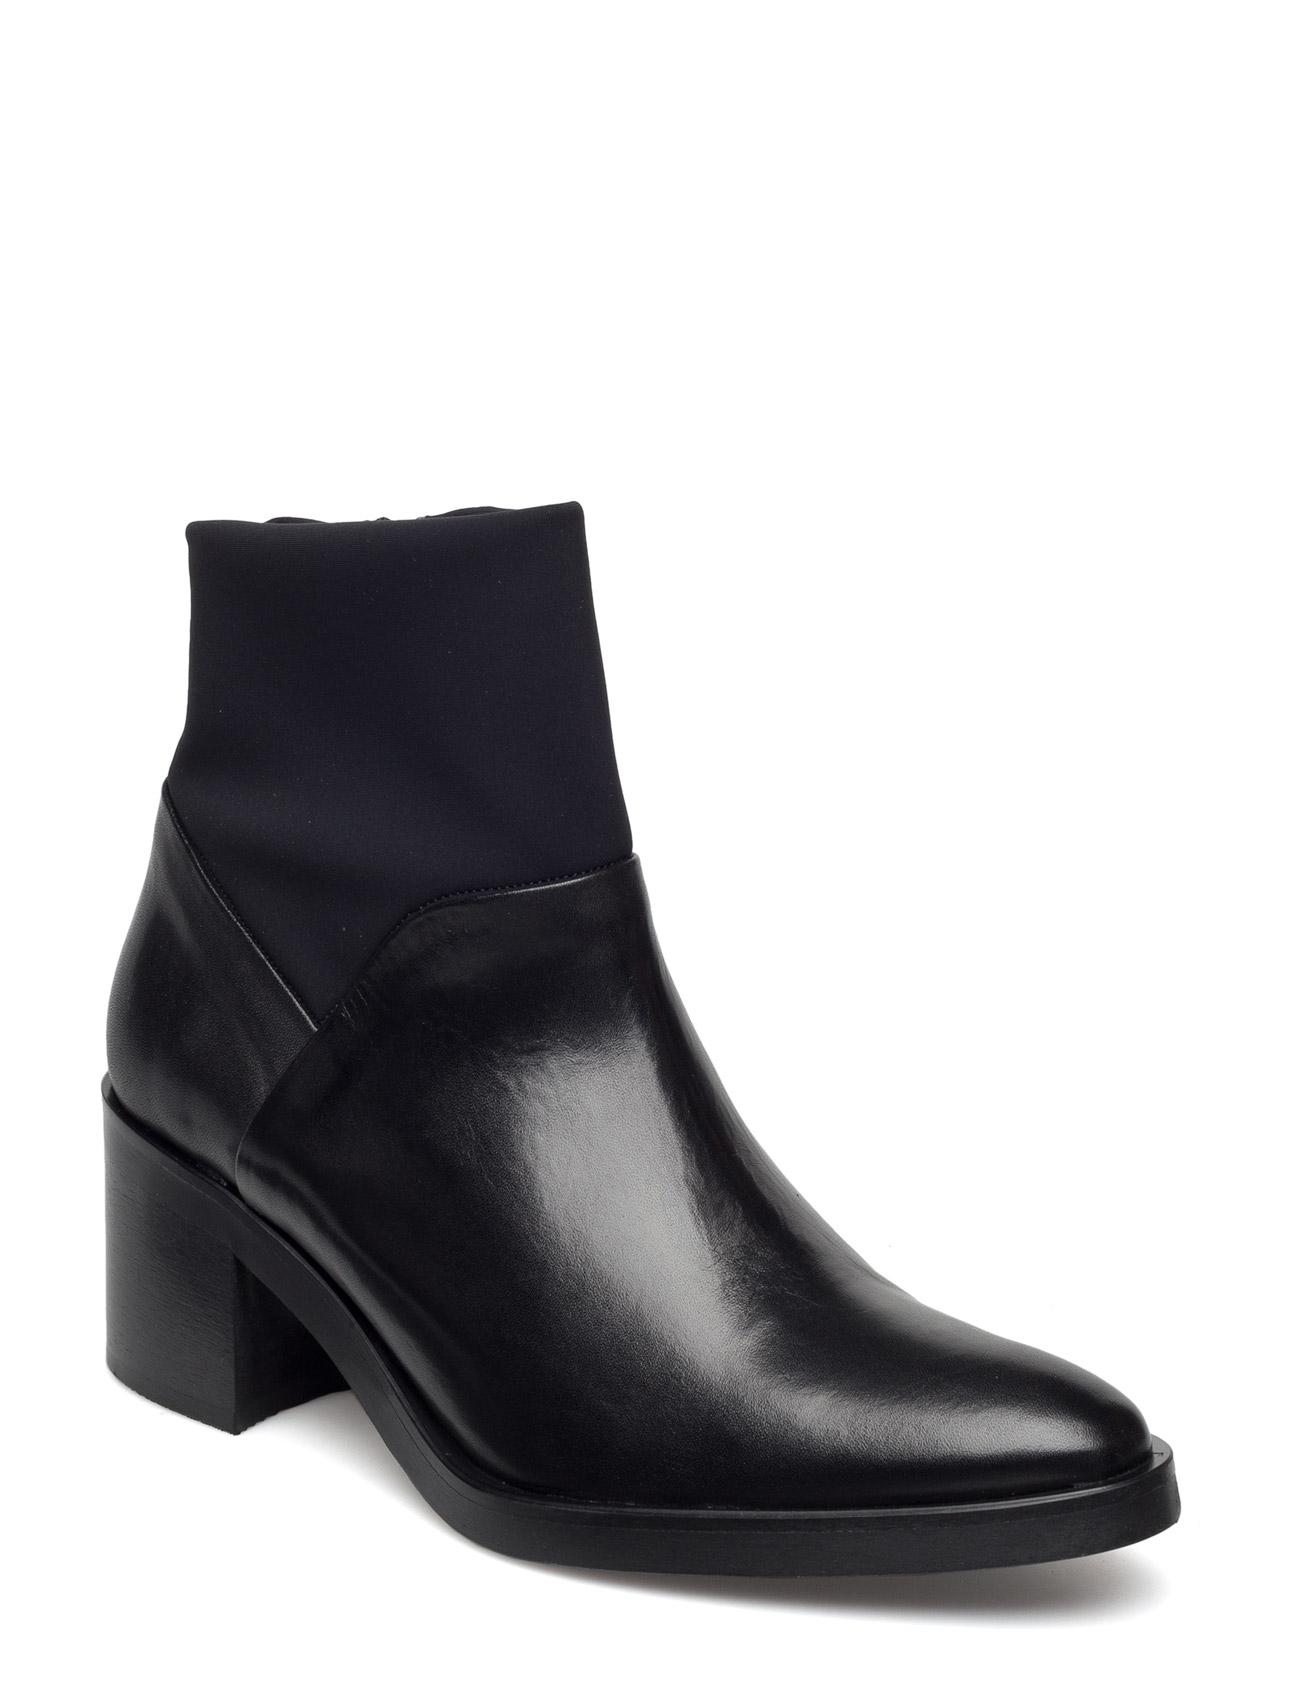 Neopren Boot Son16 Bianco Støvler til Damer i